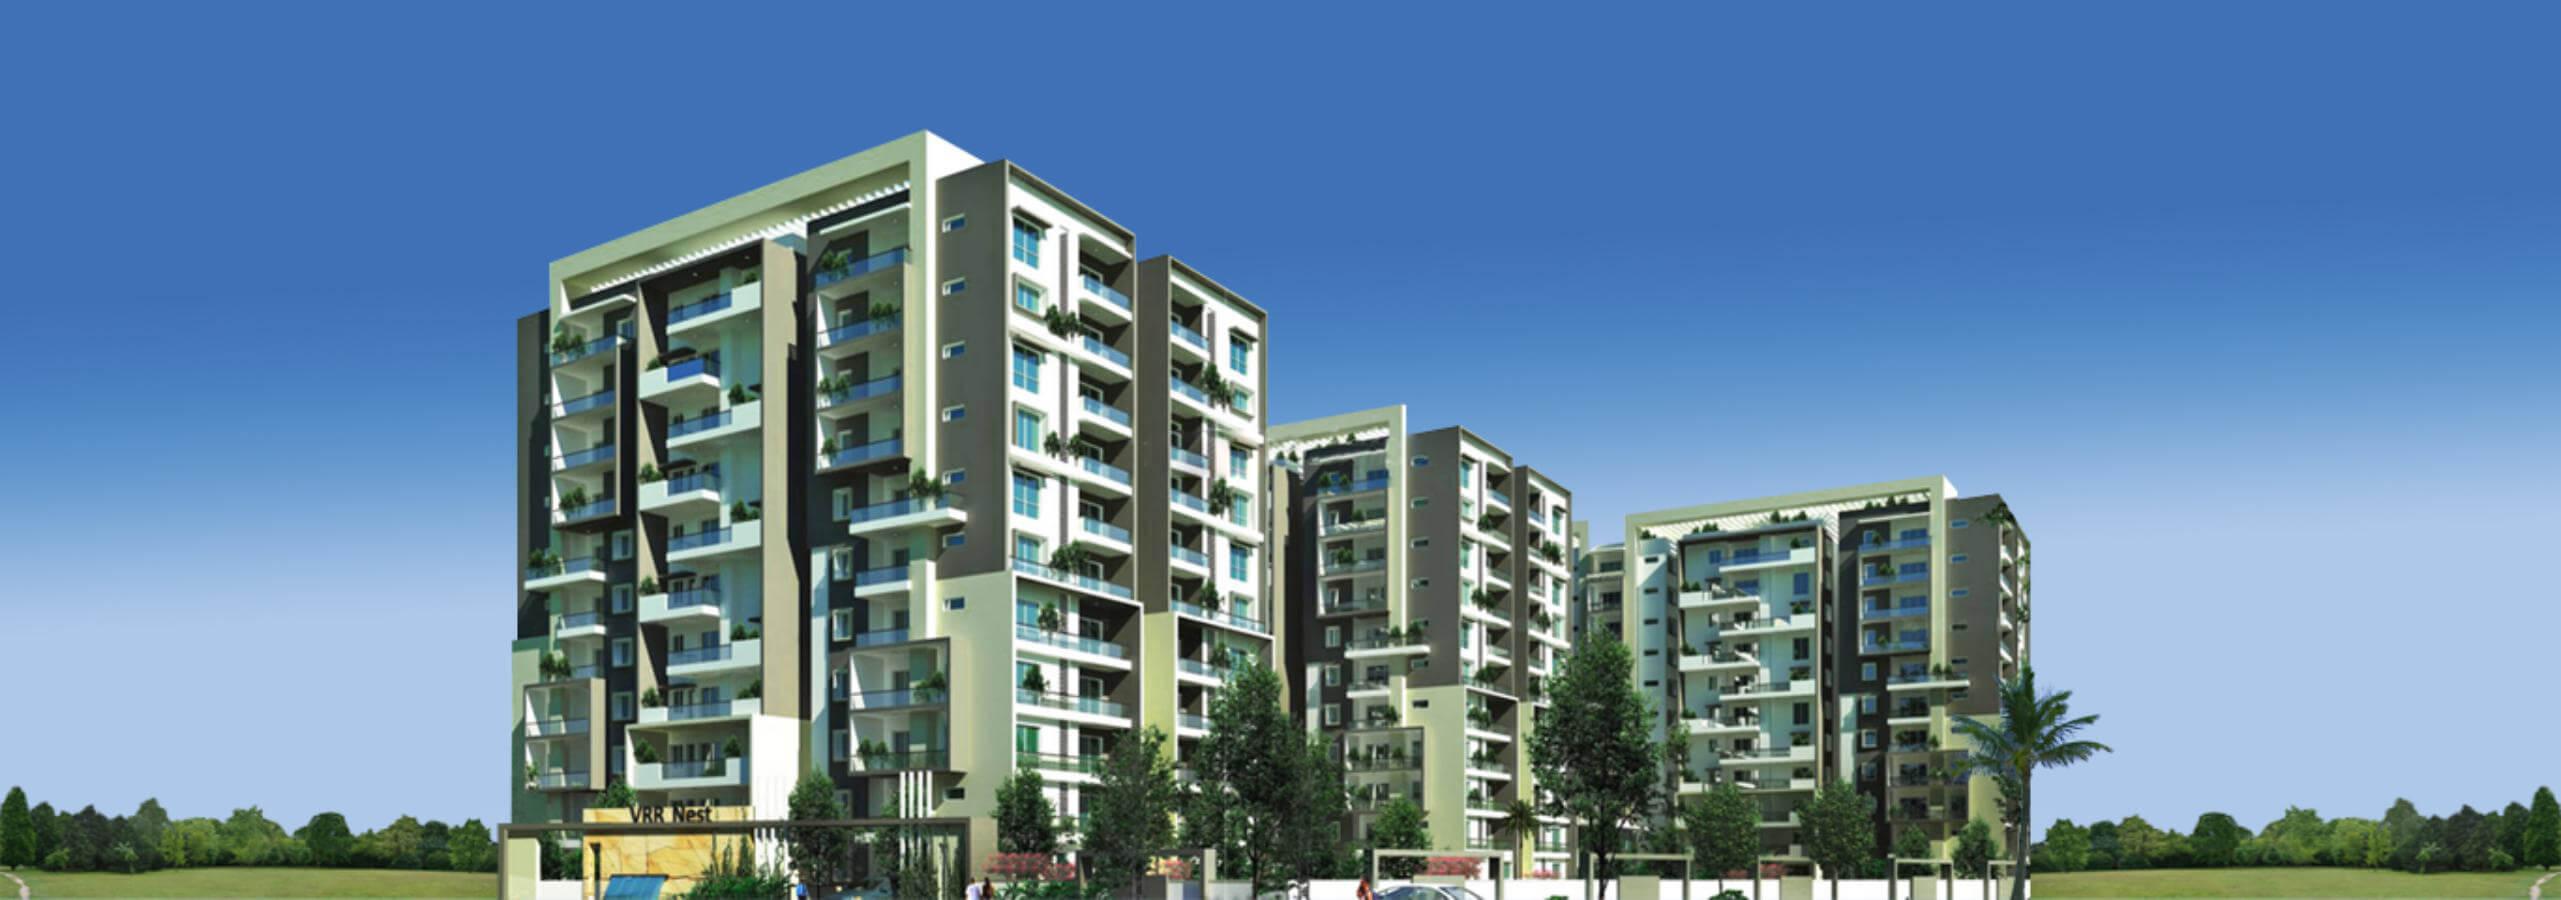 VRR Nest Electronic City Phase 2 Bangalore 5603